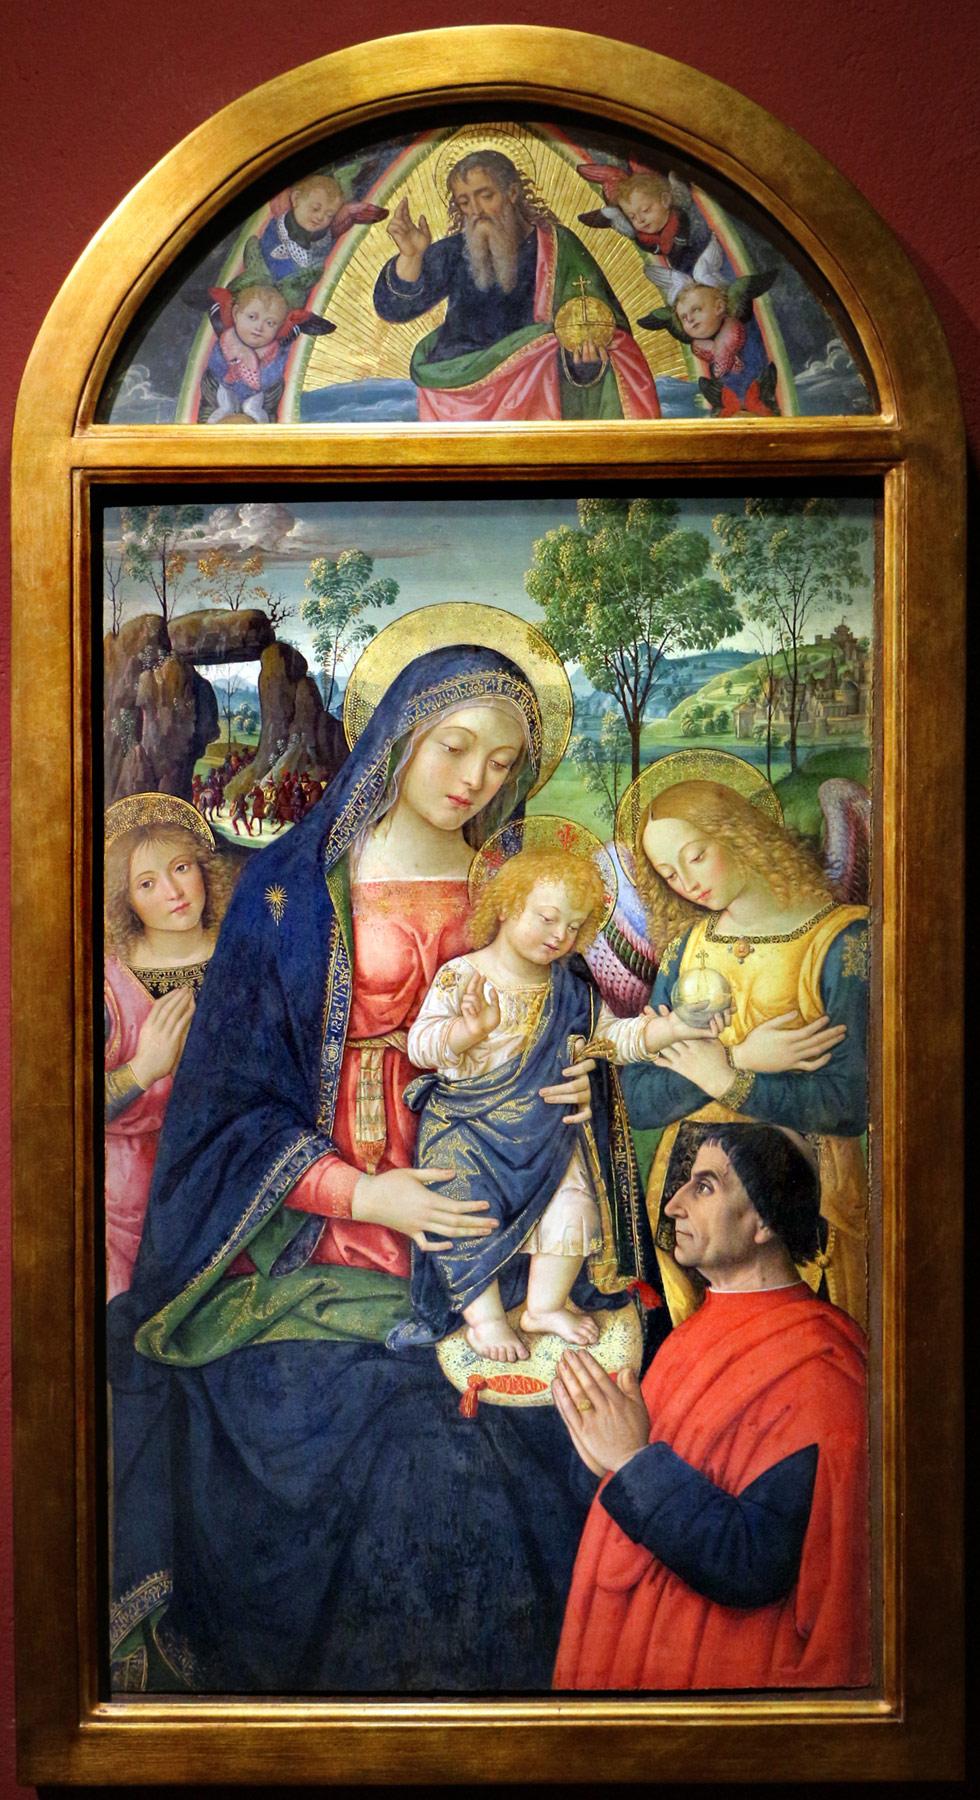 Pinturicchio, Madonna della Pace (1488-1490 circa; tempera su tavola, 94 x 64 cm; San Severino Marche, Pinacoteca Comunale Tacchi Venturi)